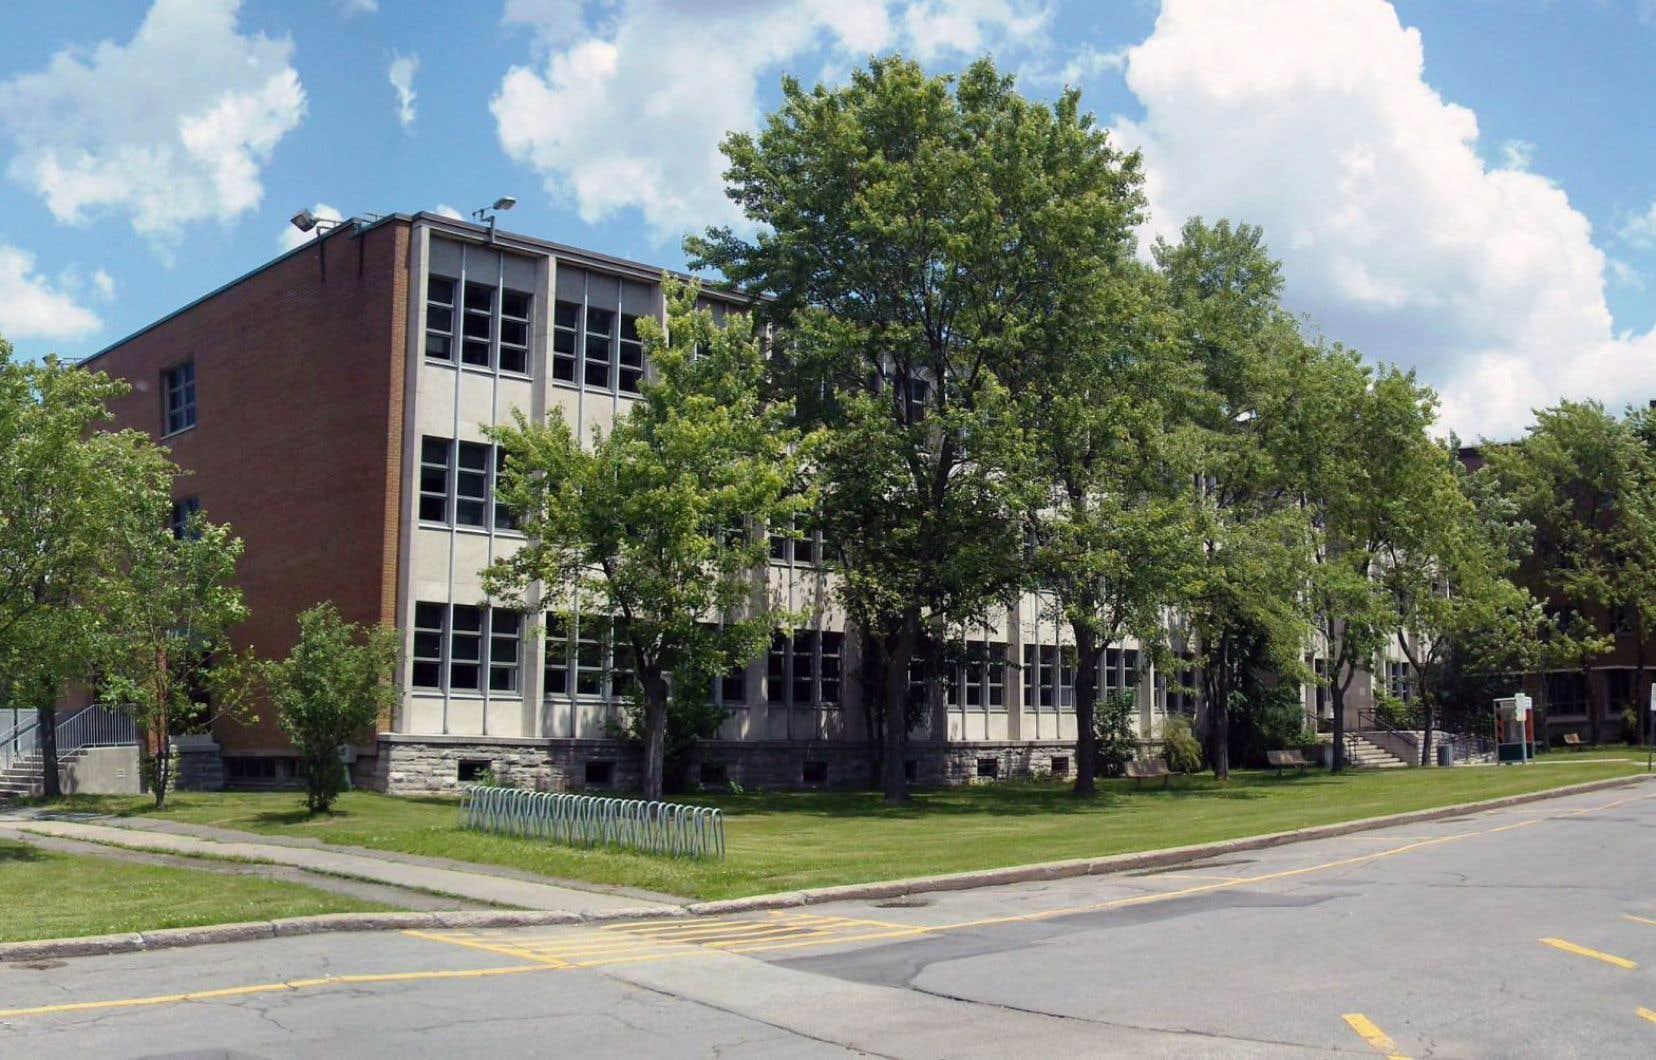 Le cégep Bois-de-Boulogne renonce à offrir le programme Arts, lettres et communications, au grand déplaisir de certains enseignants qui font valoir que le nombre d'inscriptions est relativement stable d'année en année.